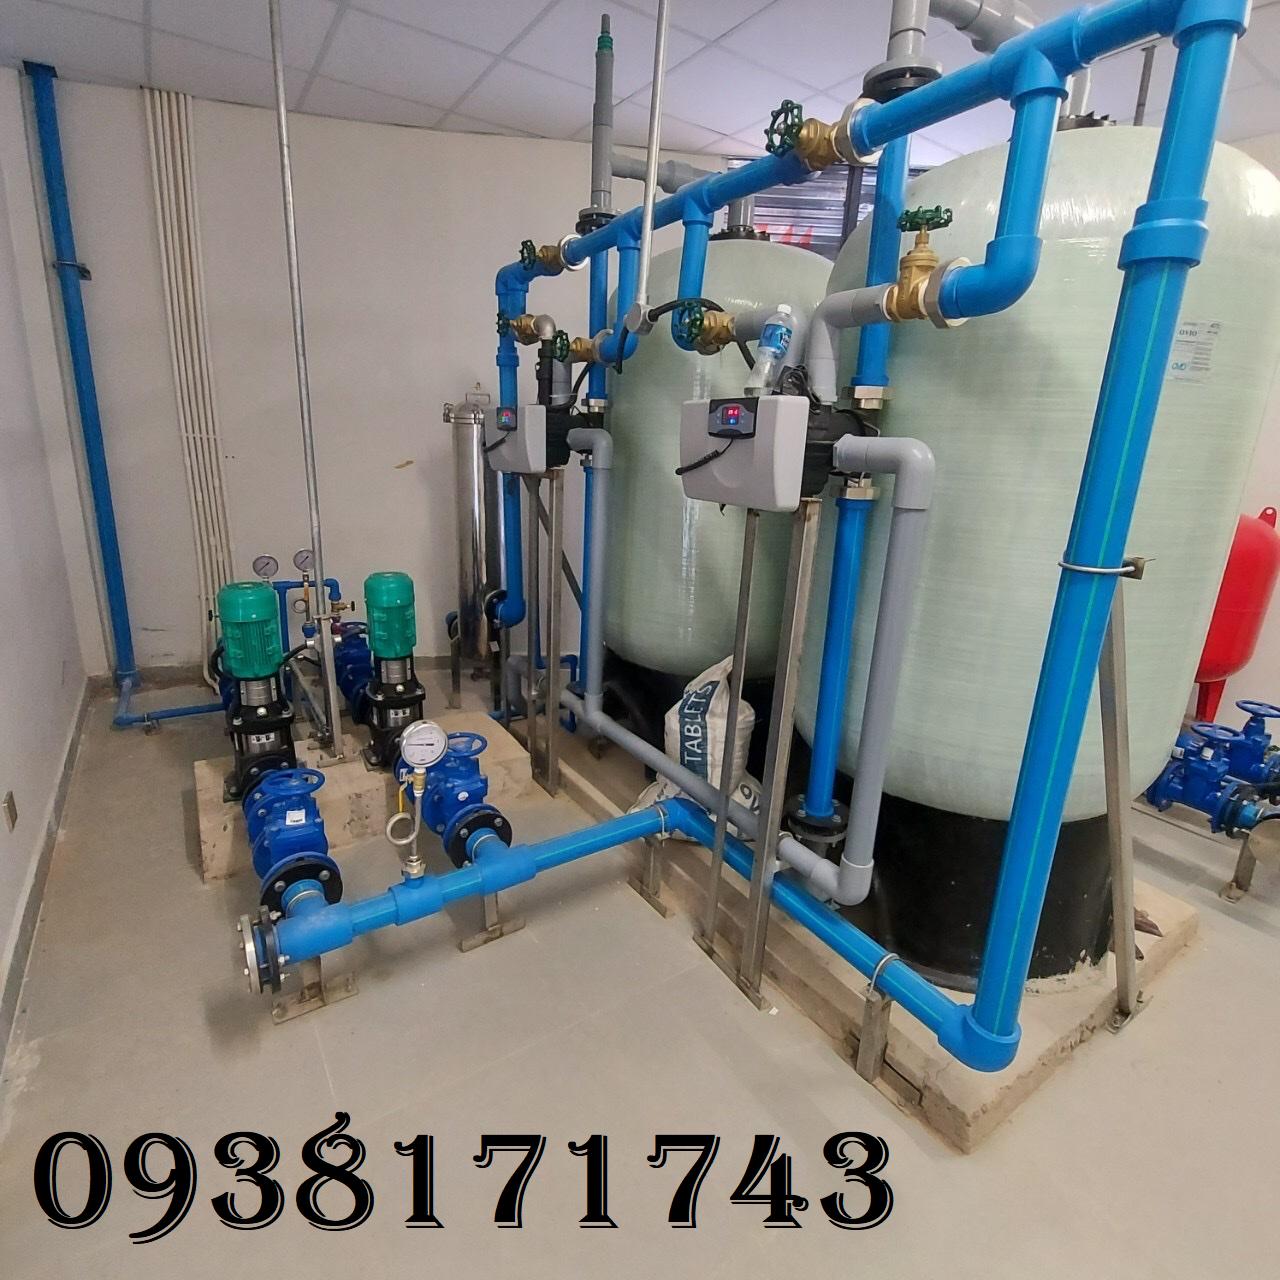 Hệ thống lọc nước cho khách sạn 5 sao